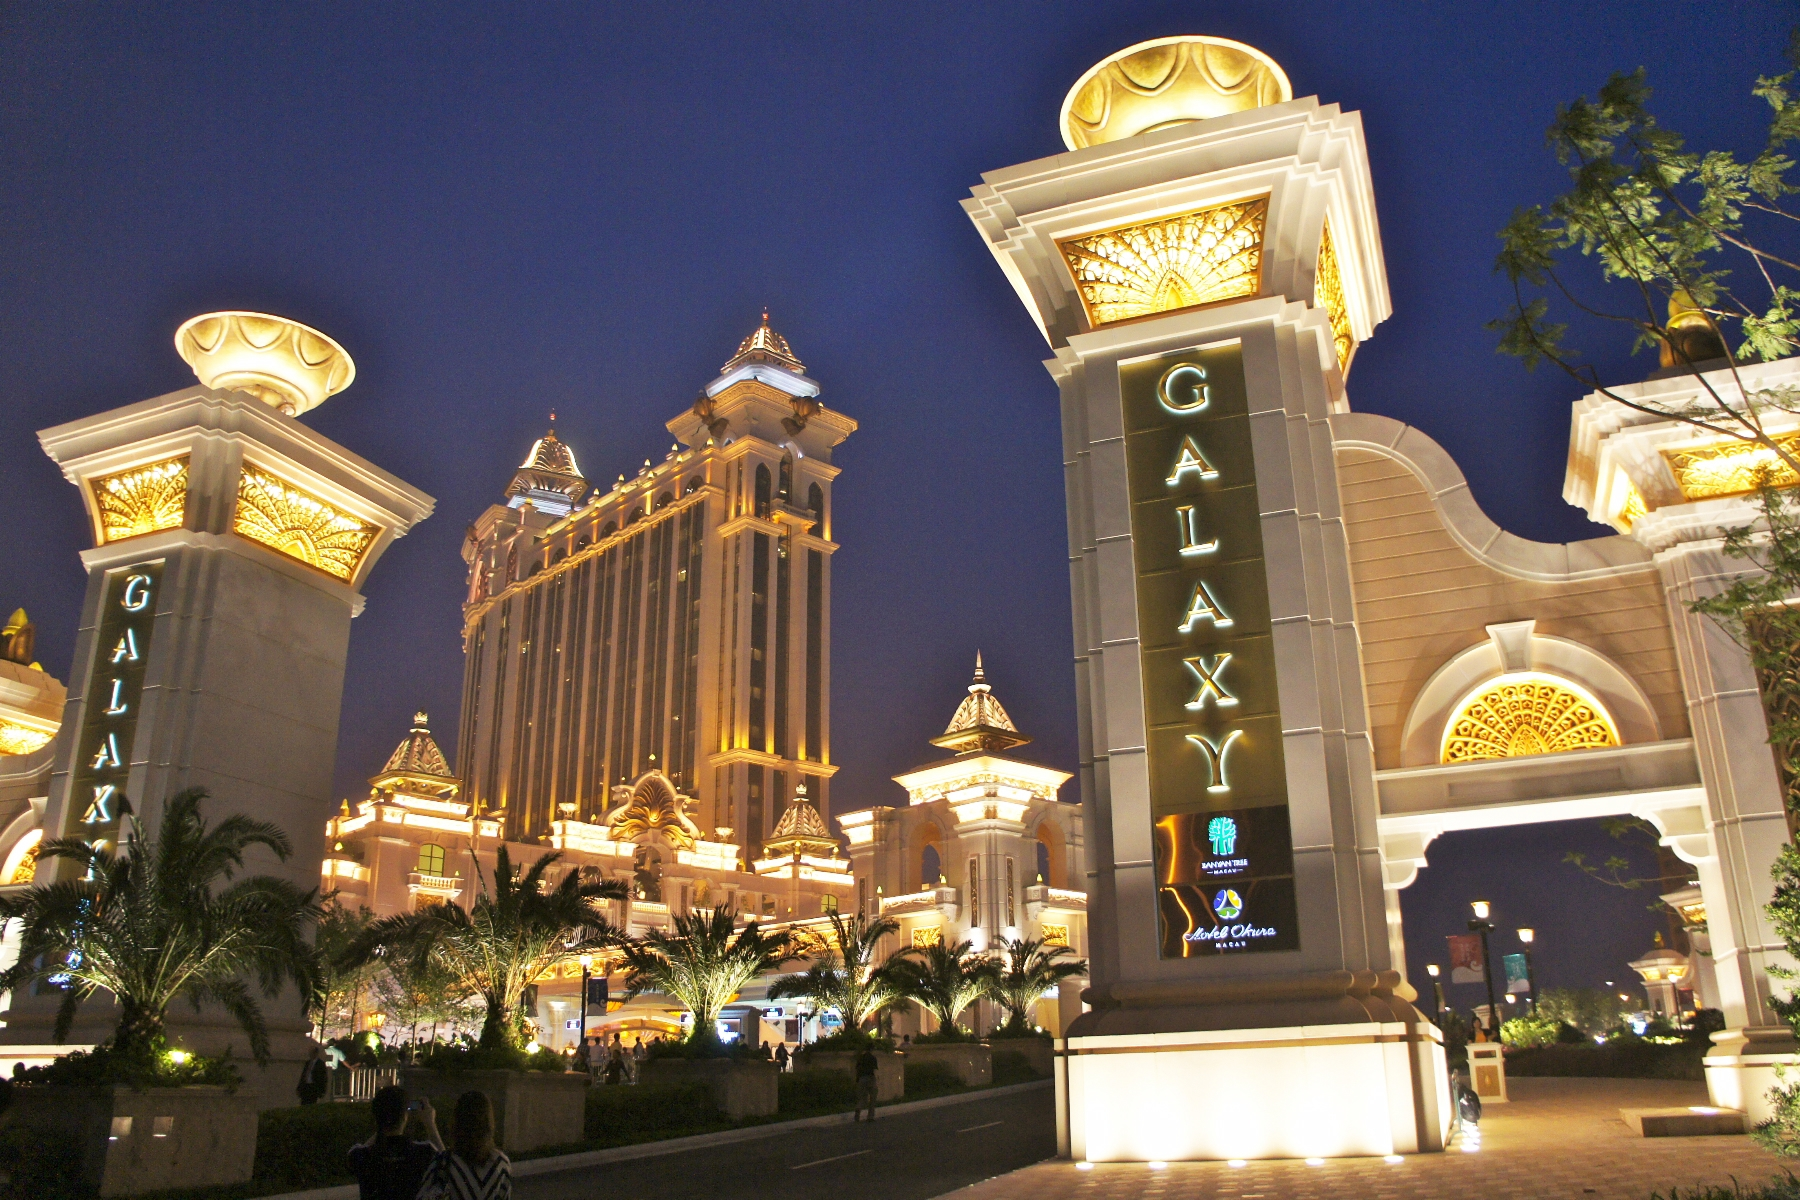 Jogo | Galaxy faz acordo com China State Construction para quarta fase no Cotai